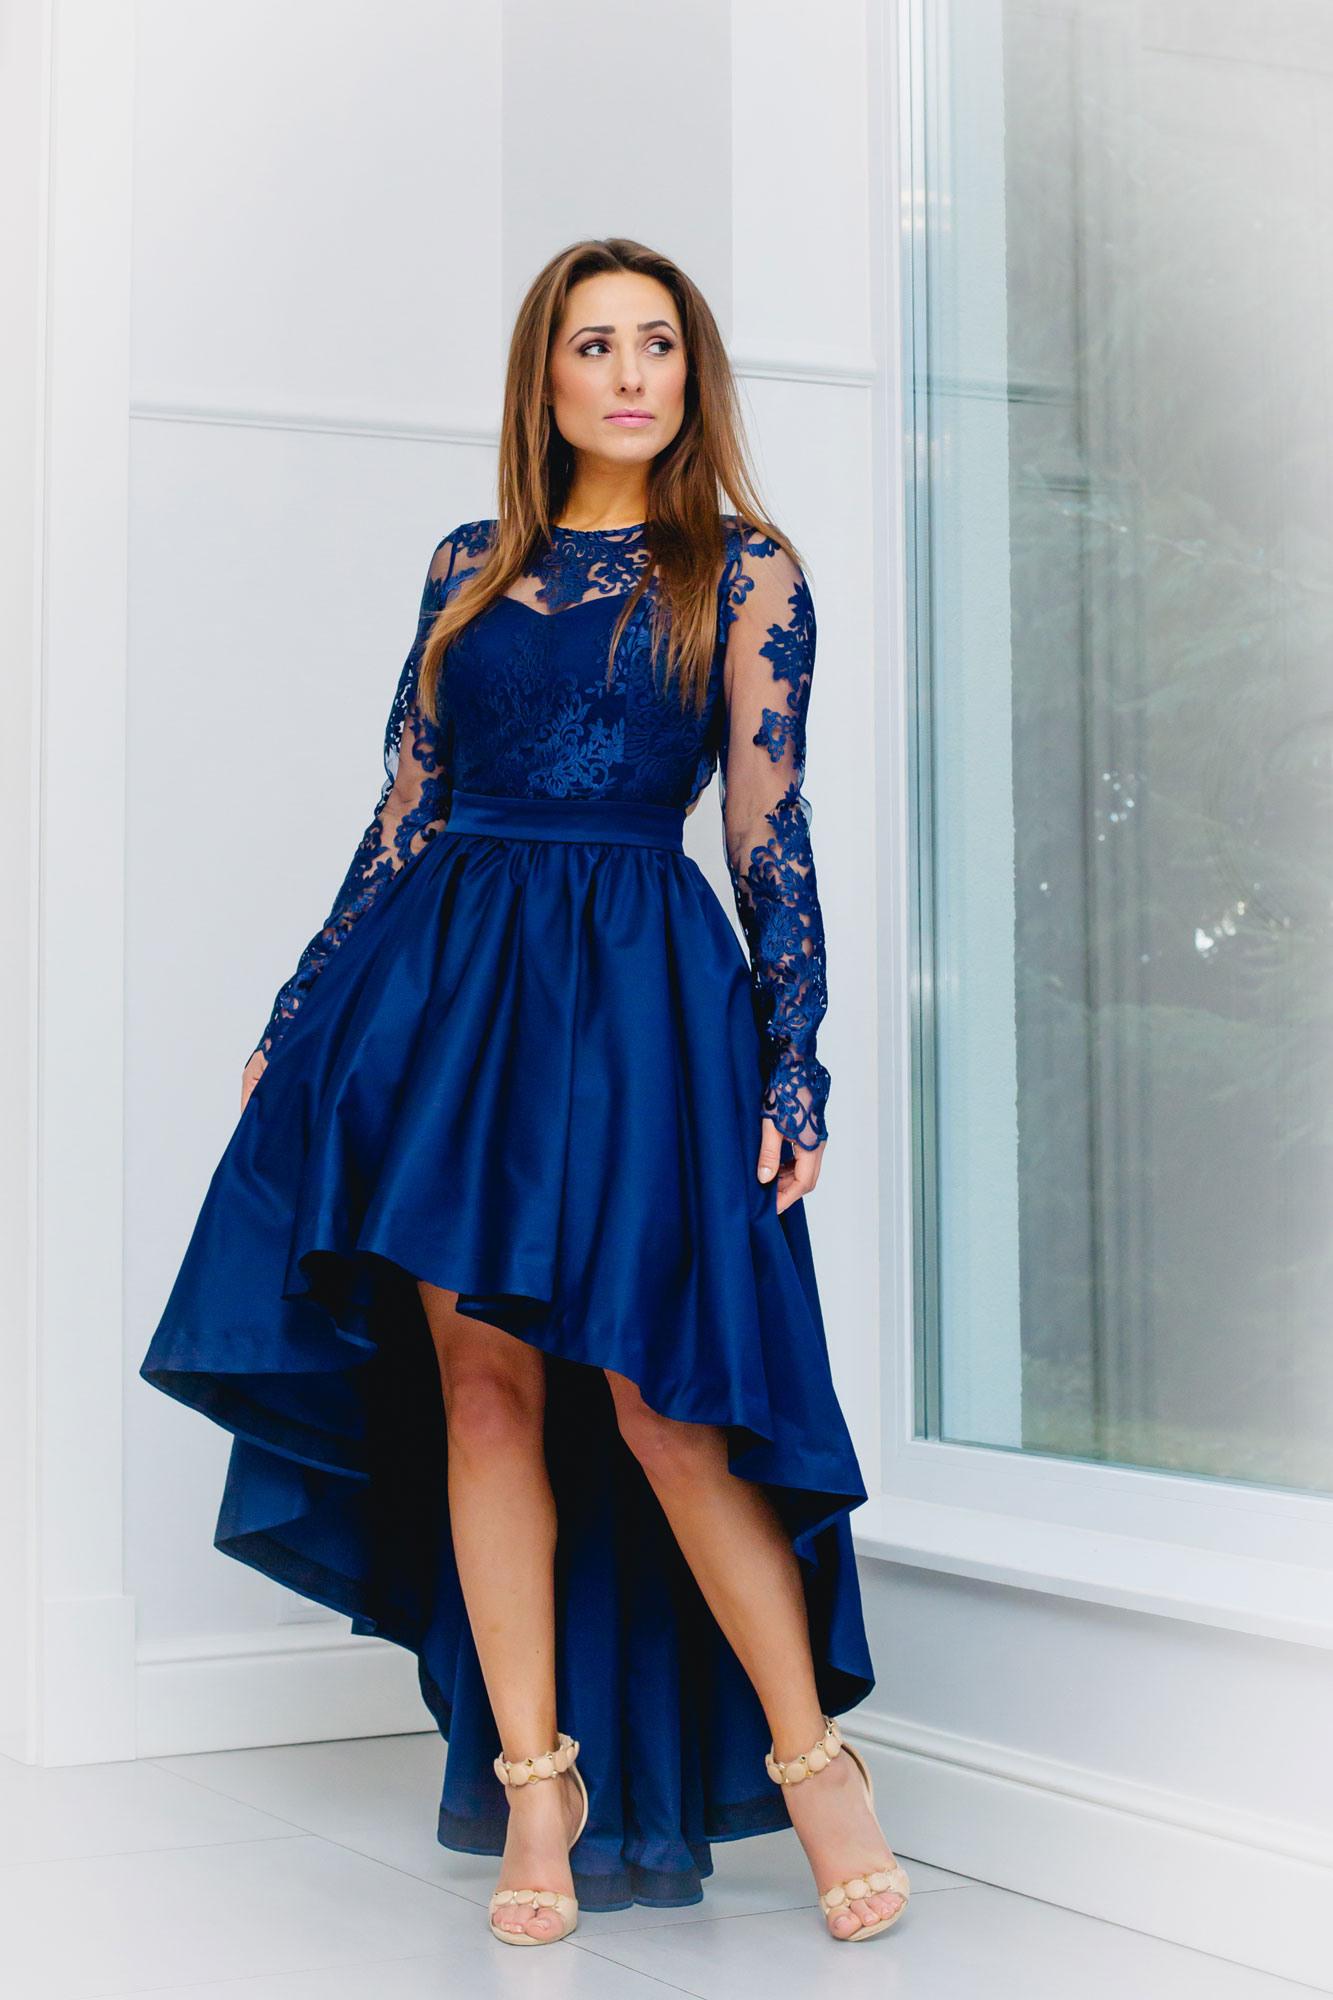 Abend Fantastisch Abend-Vokuhila-Kleid Boutique20 Cool Abend-Vokuhila-Kleid Galerie